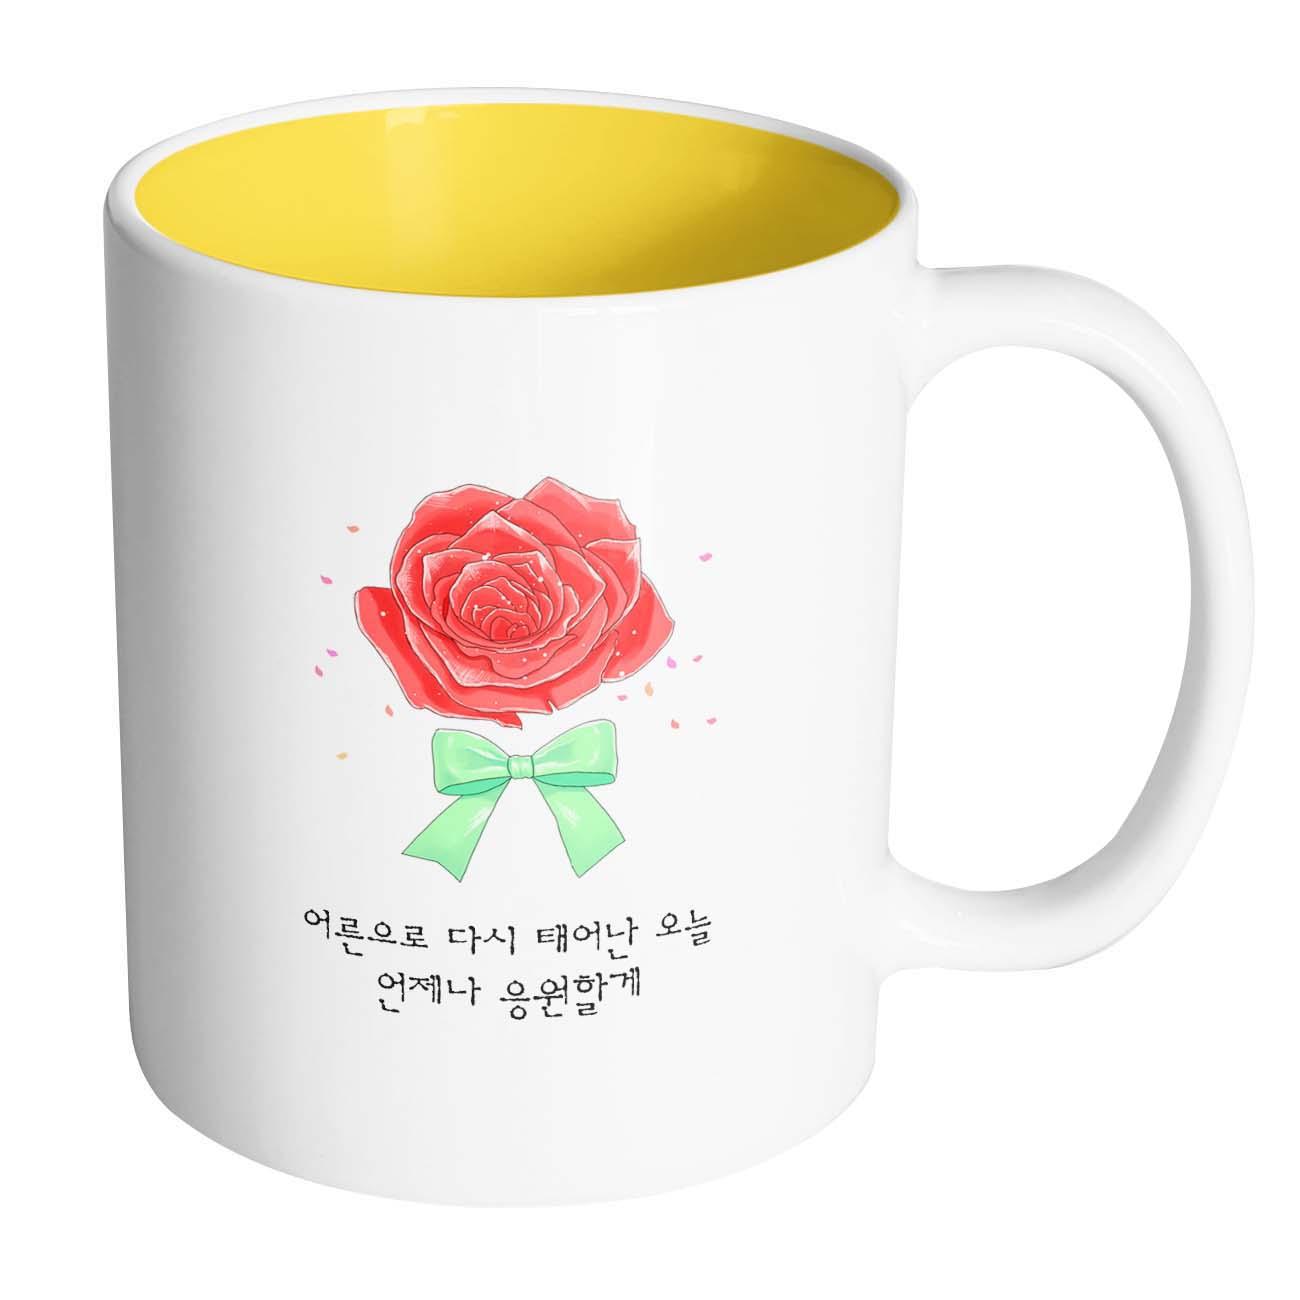 핸드팩토리 장미꽃성년의날 어른으로 다시 태어난 오늘 언제나 응원할게 머그컵, 내부 옐로우, 1개